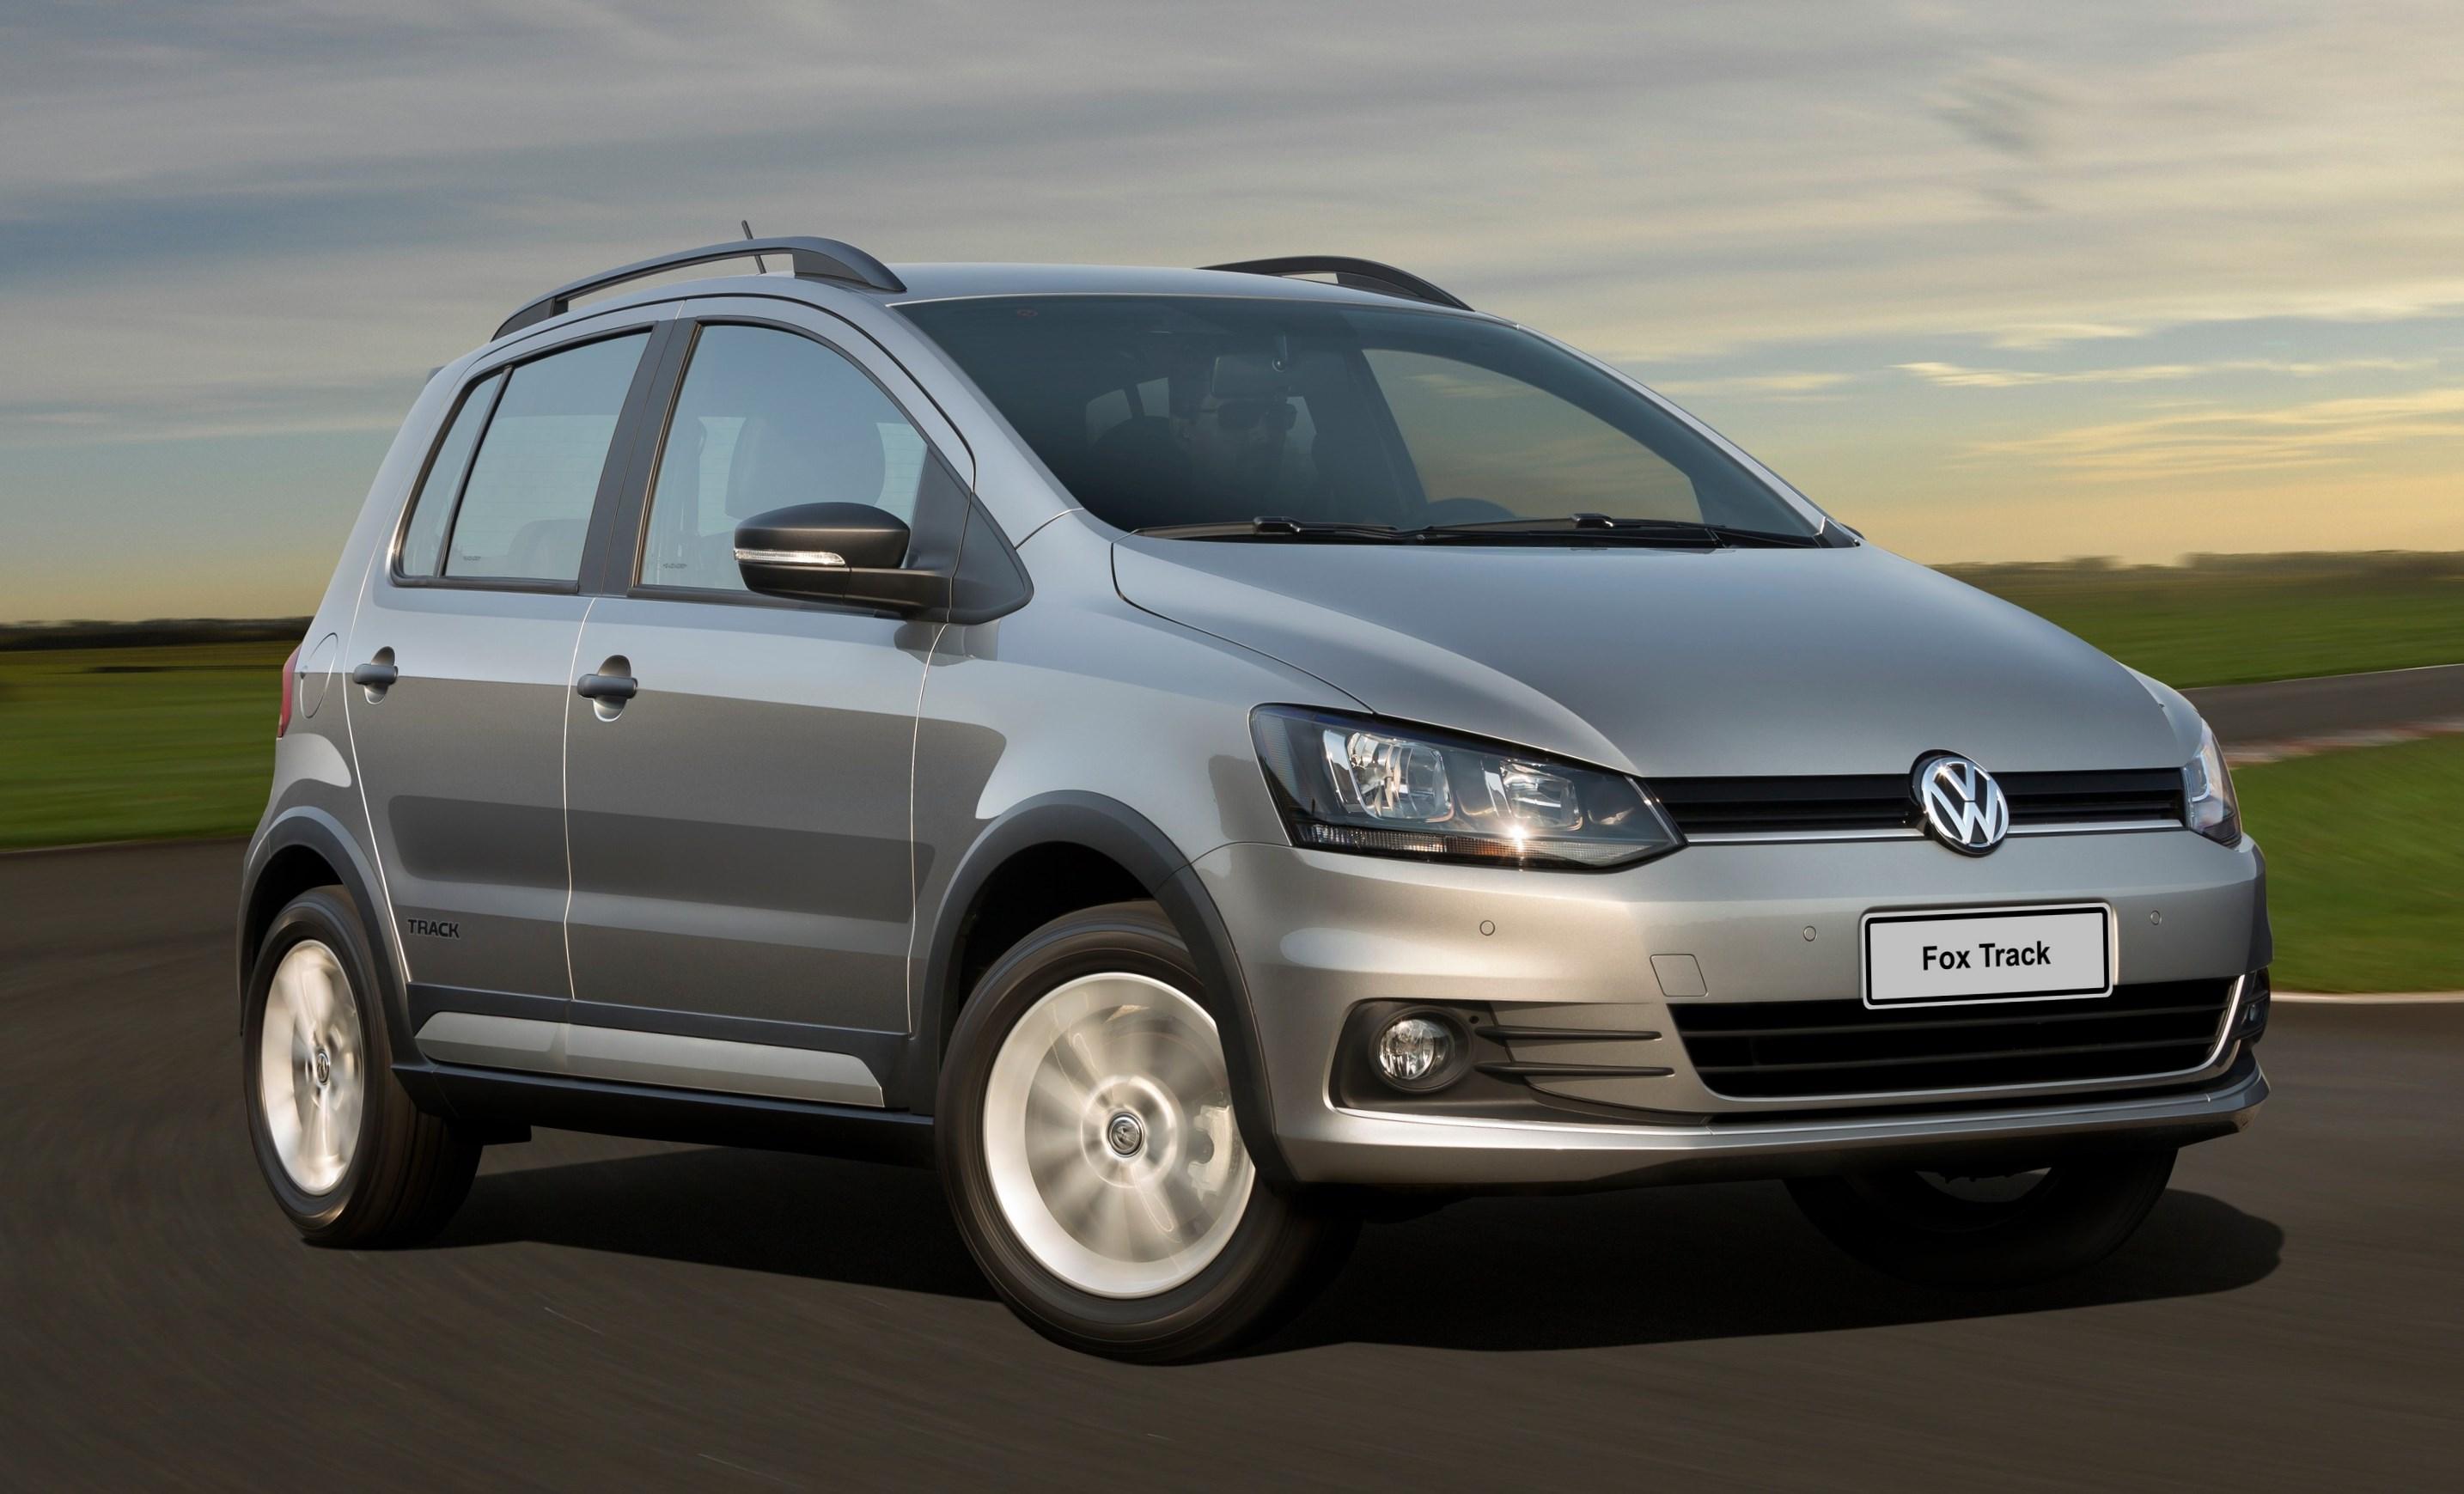 Volkswagen Ampl A La Gama Fox Nuevo Fox Track